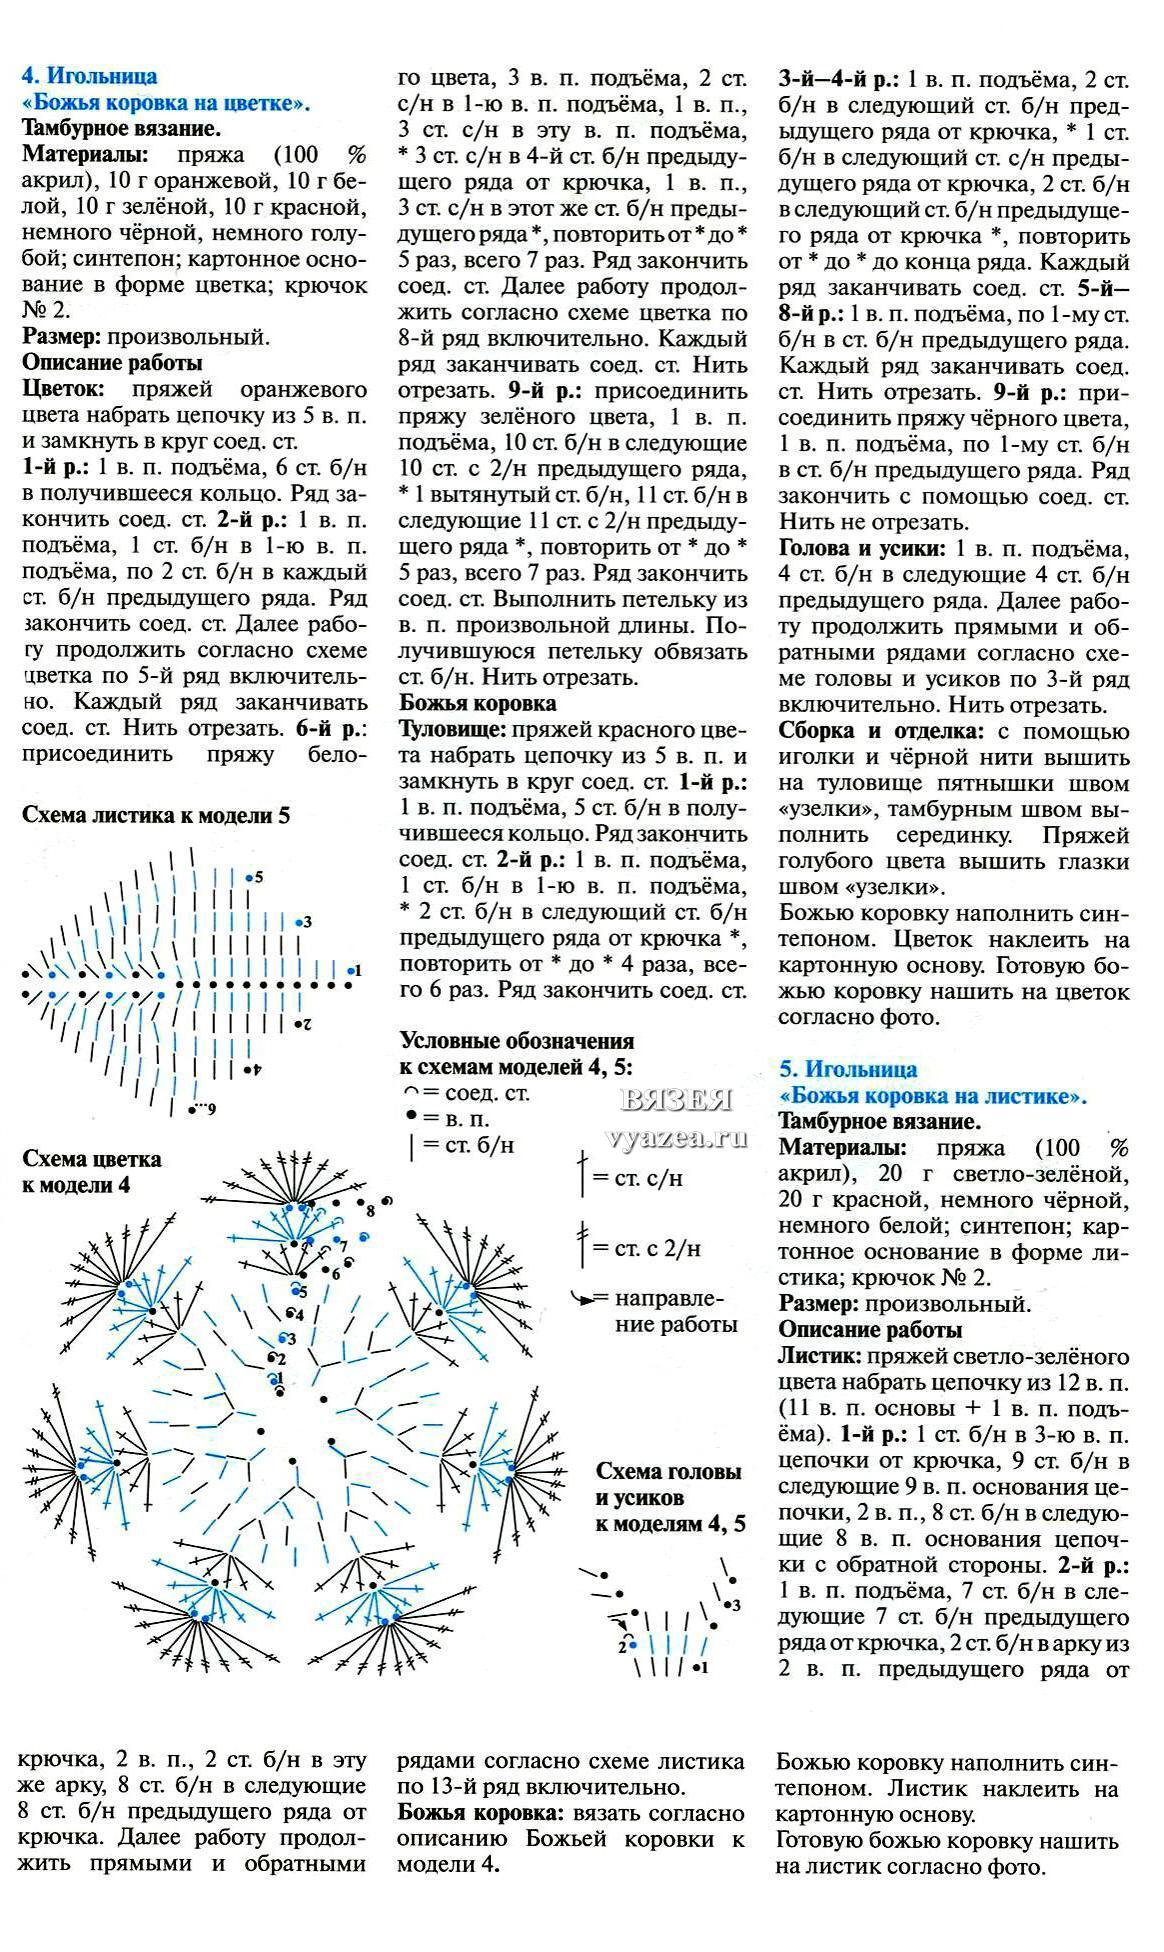 Схема для вязания крючком игольницы схемы